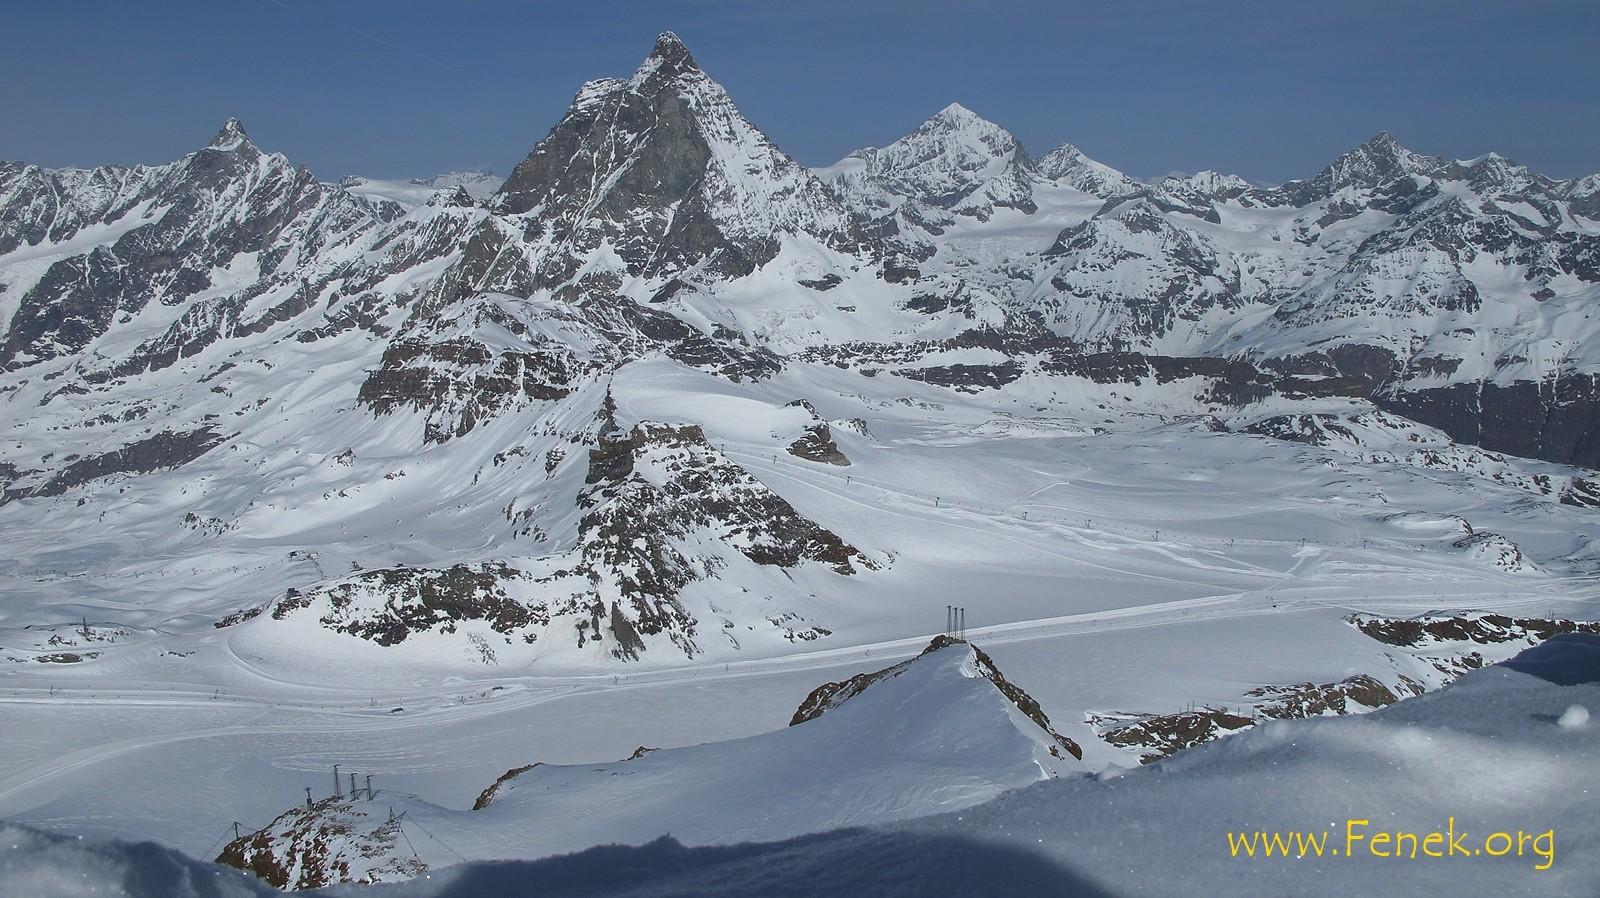 Blick vom Klein Matterhorn zu den beiden Gipfeln des Tages (Falllinie vom Matterhorn)